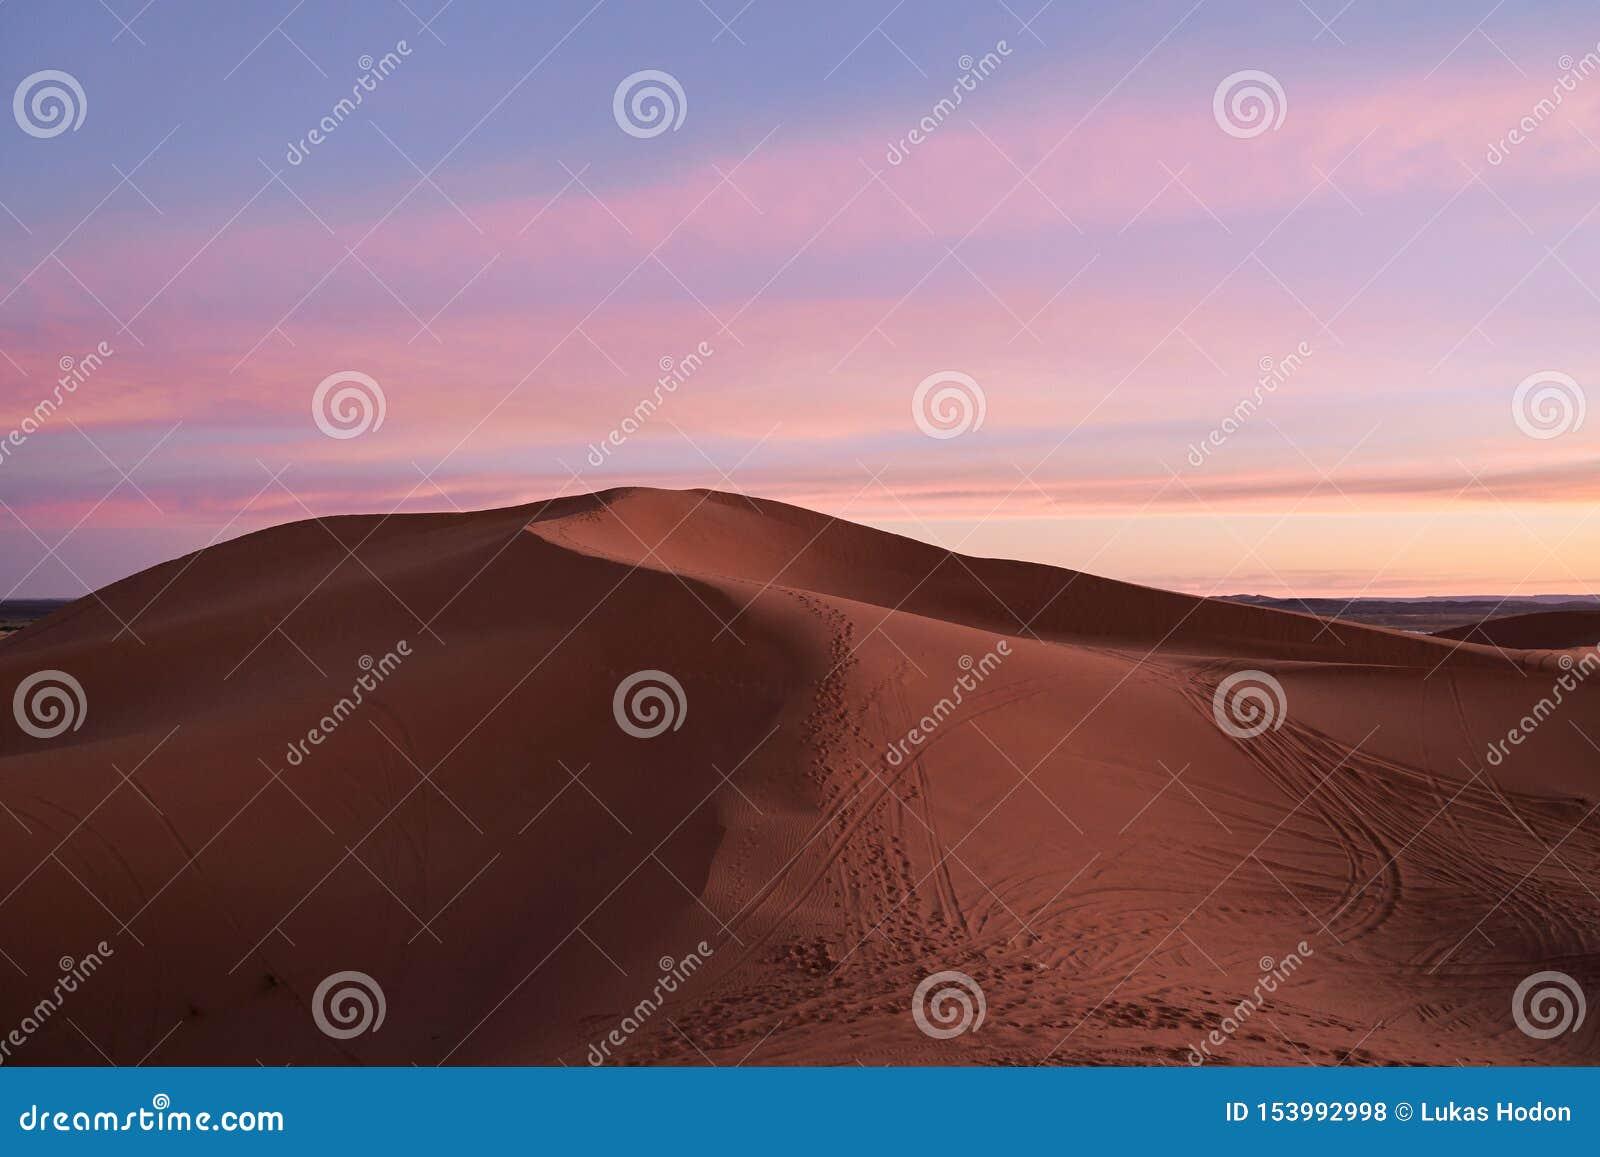 Cielo y dunas rosados en el desierto del Sáhara después de la puesta del sol